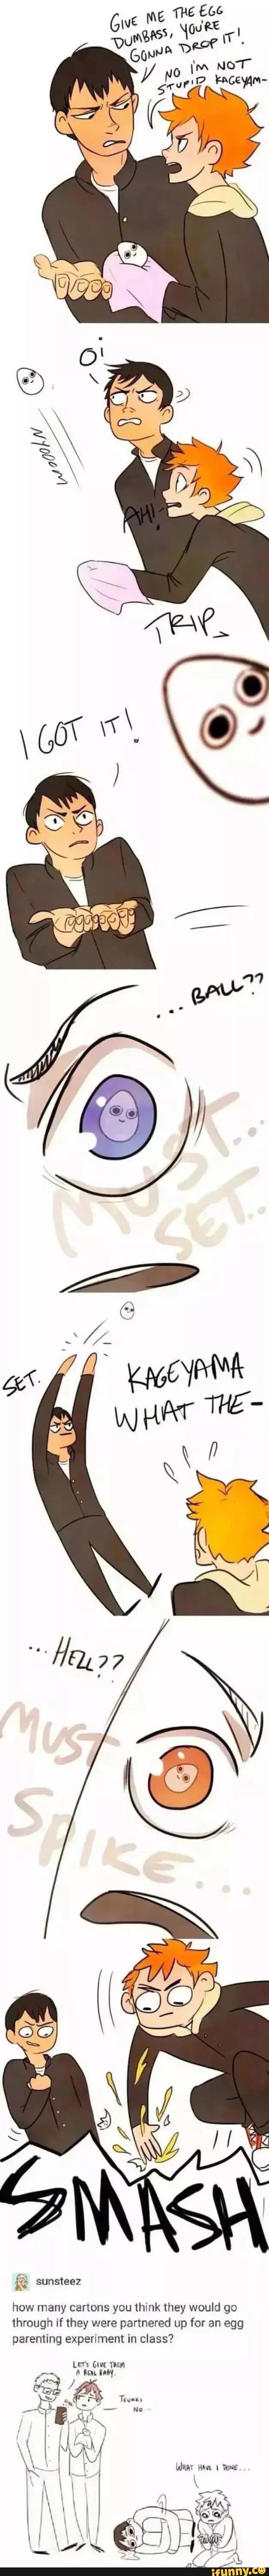 haikyuu, hinata, kageyama, tsukishima, yamaguchi algien lo entendio de manera graciosa??